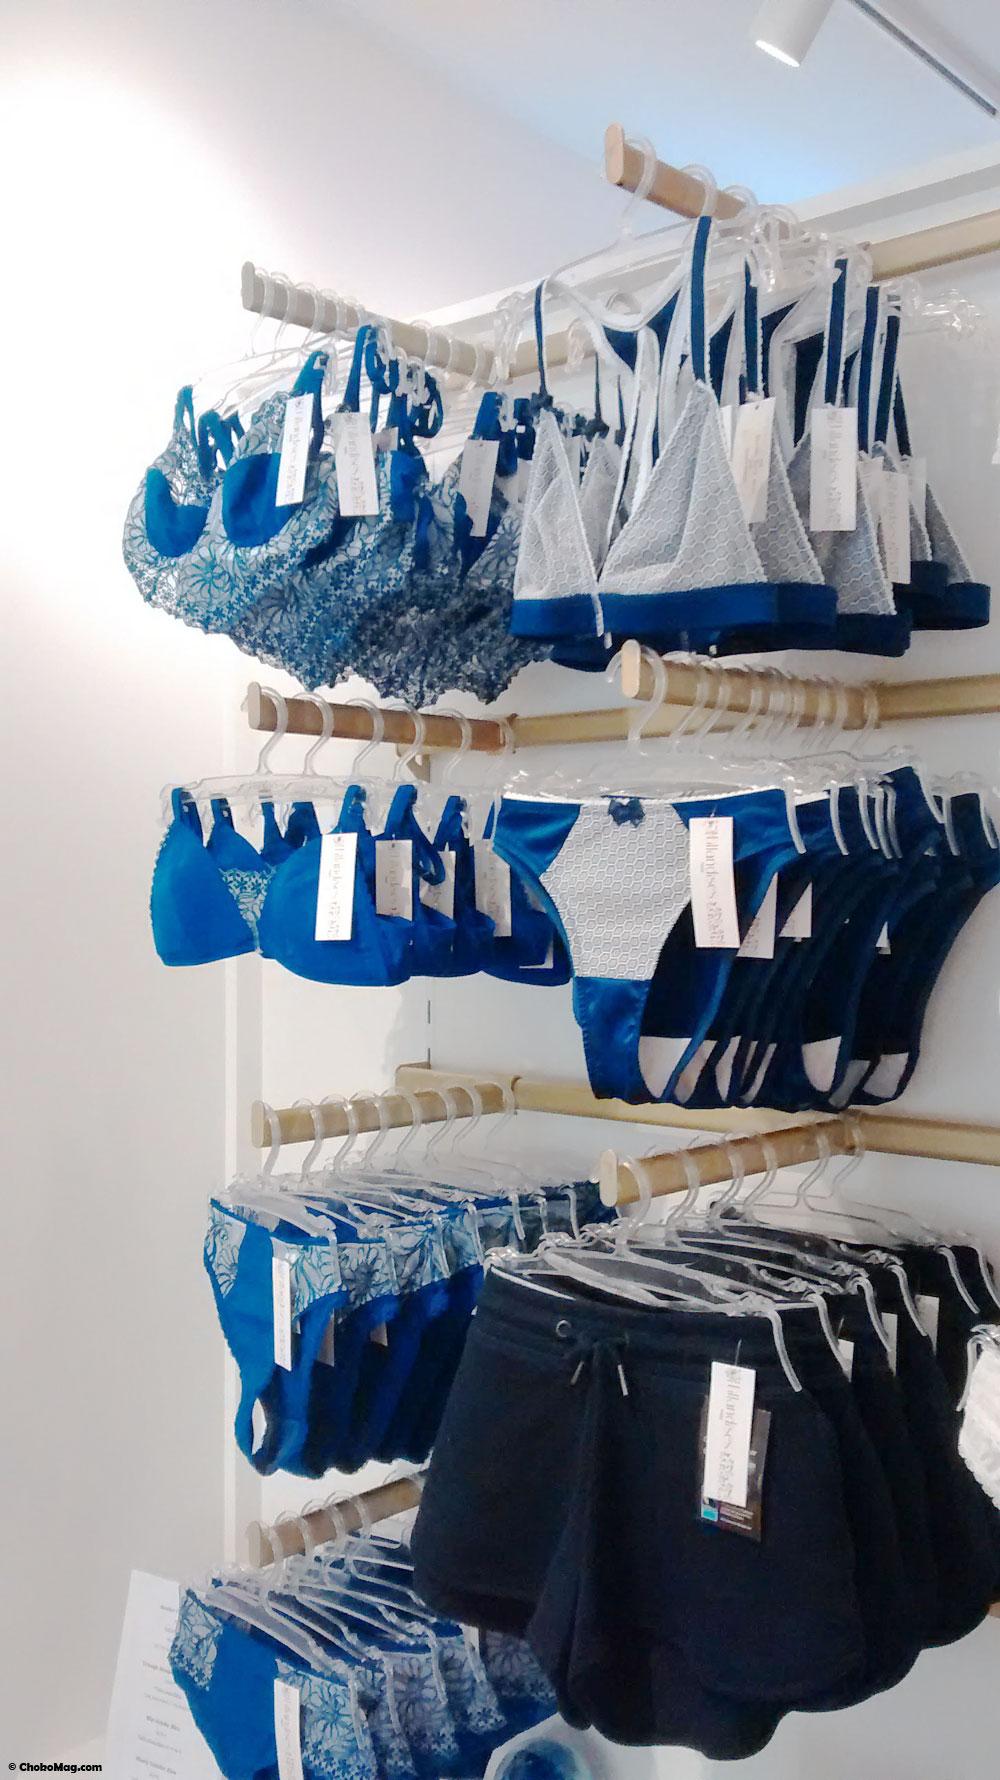 Boutique de lingerie Fillandises